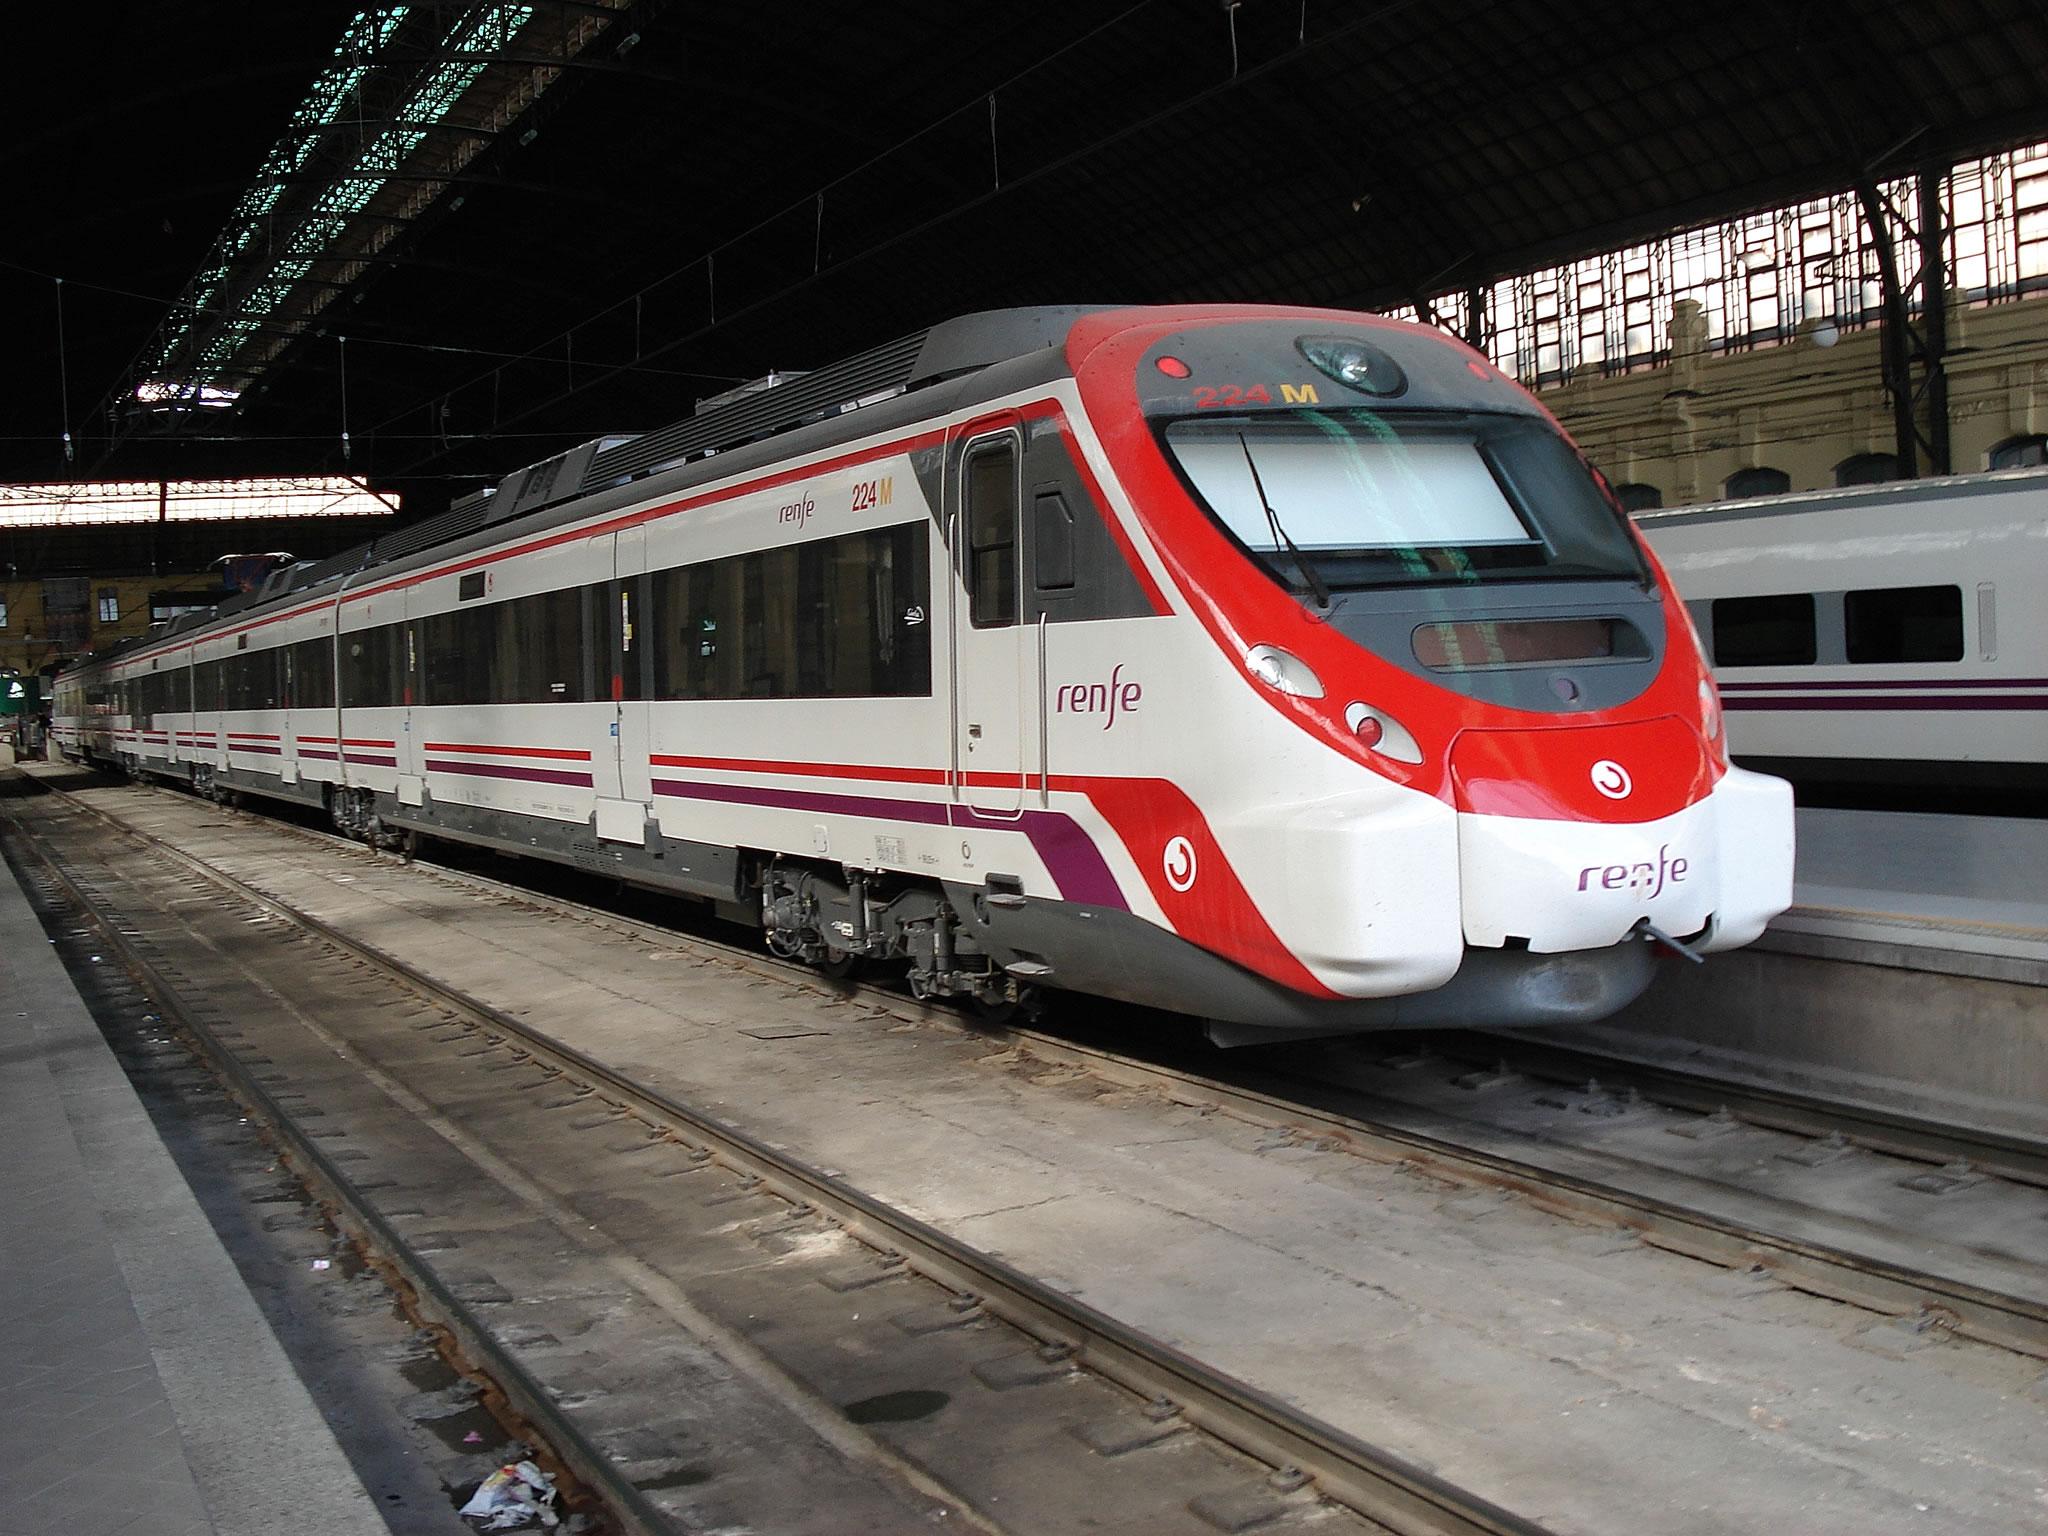 Renfe compra 200 trenes de Cercanías de gran capacidad